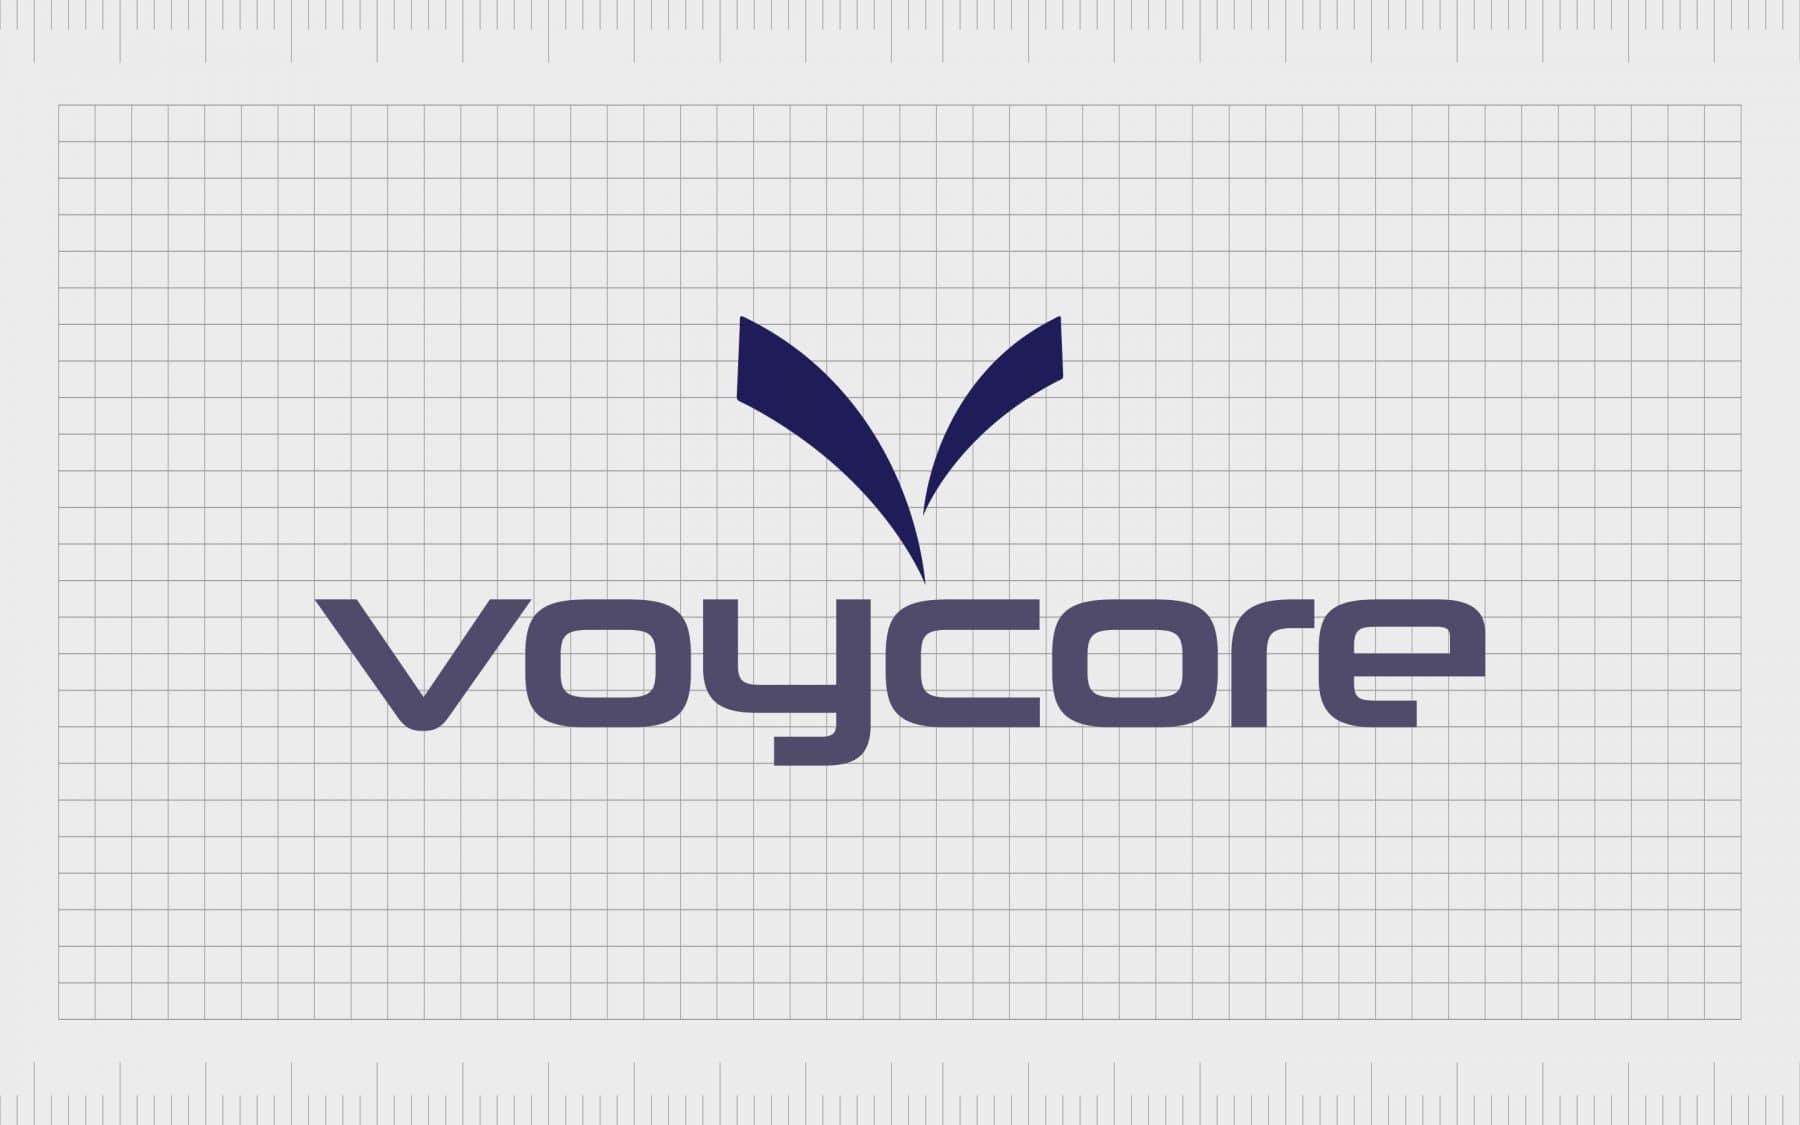 Voycore